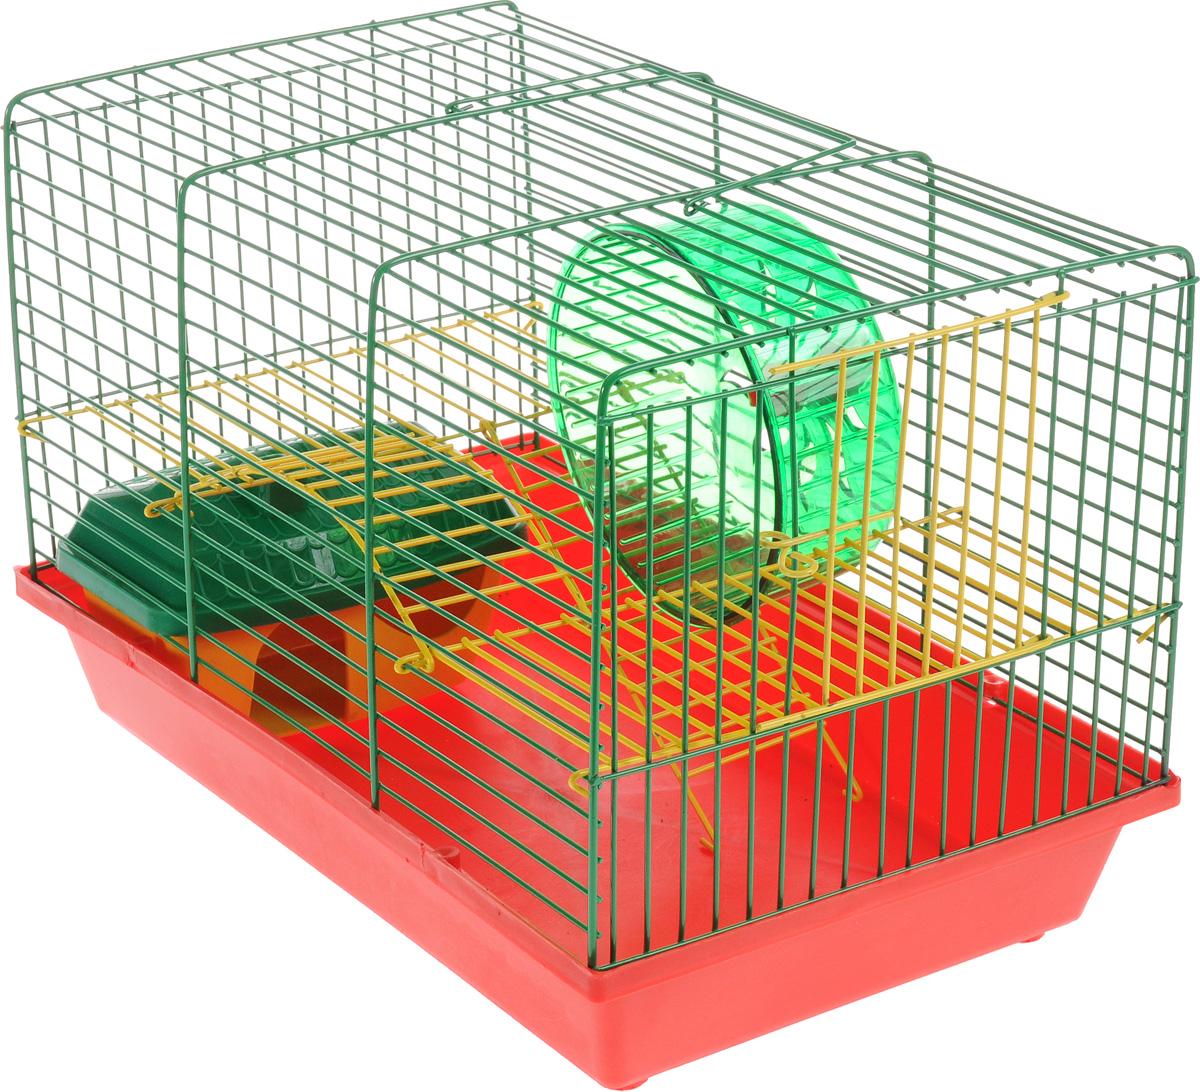 Клетка для грызунов Зоомарк Венеция, 2-этажная, цвет: красный поддон, зеленая решетка, желтый этаж, 36 х 23 х 24 см0120710Клетка Венеция, выполненная из полипропилена и металла, подходит для мелких грызунов. Изделие двухэтажное, оборудовано колесом для подвижных игр и пластиковым домиком. Клетка имеет яркий поддон, удобна в использовании и легко чистится. Сверху имеется ручка для переноски. Такая клетка станет уединенным личным пространством и уютным домиком для маленького грызуна.